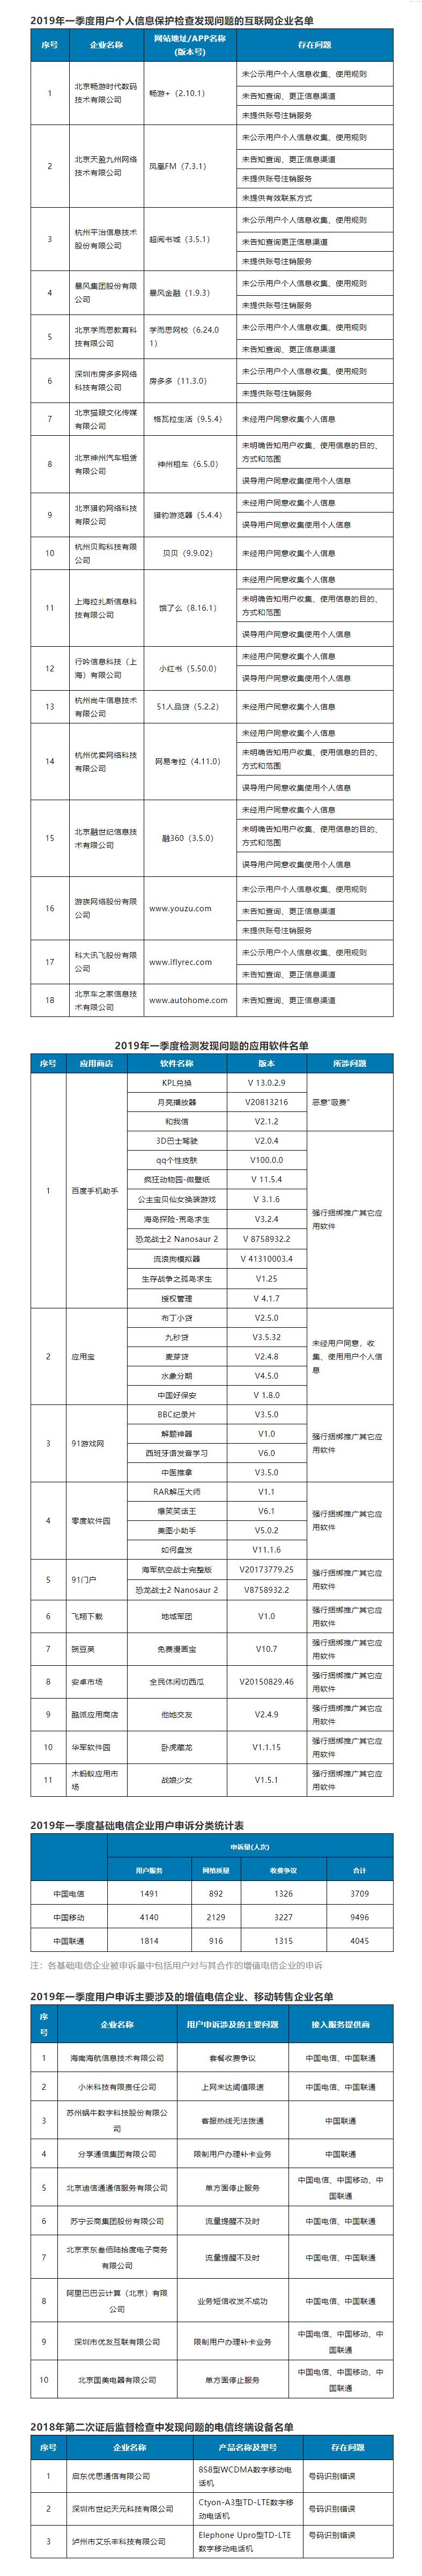 工信部发布2019年第一季度电信服务质量通告:小红书、畅游+等App均上榜